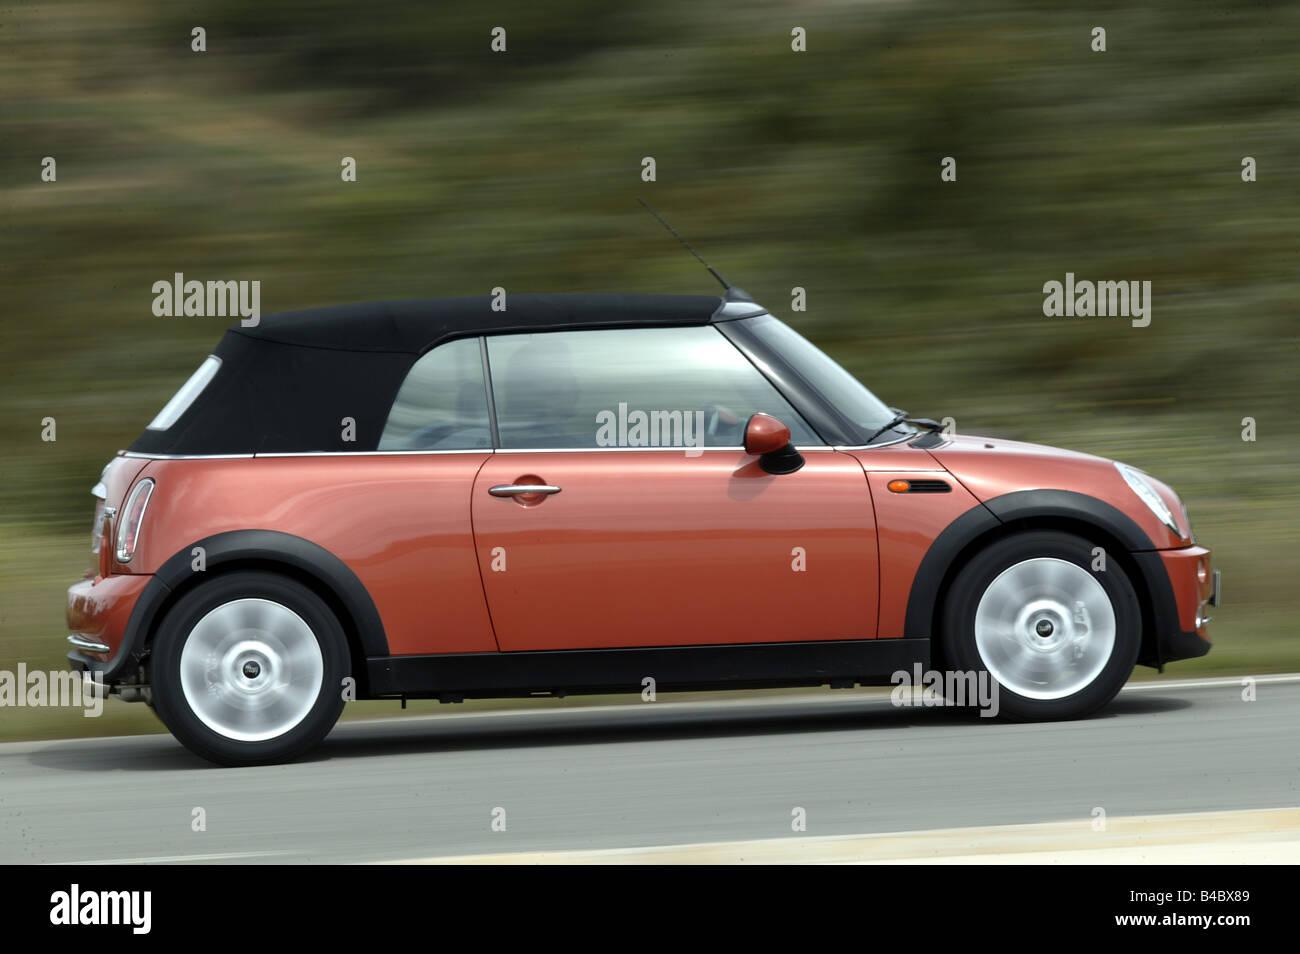 Bmw Mini Car Stock Photos Bmw Mini Car Stock Images Alamy